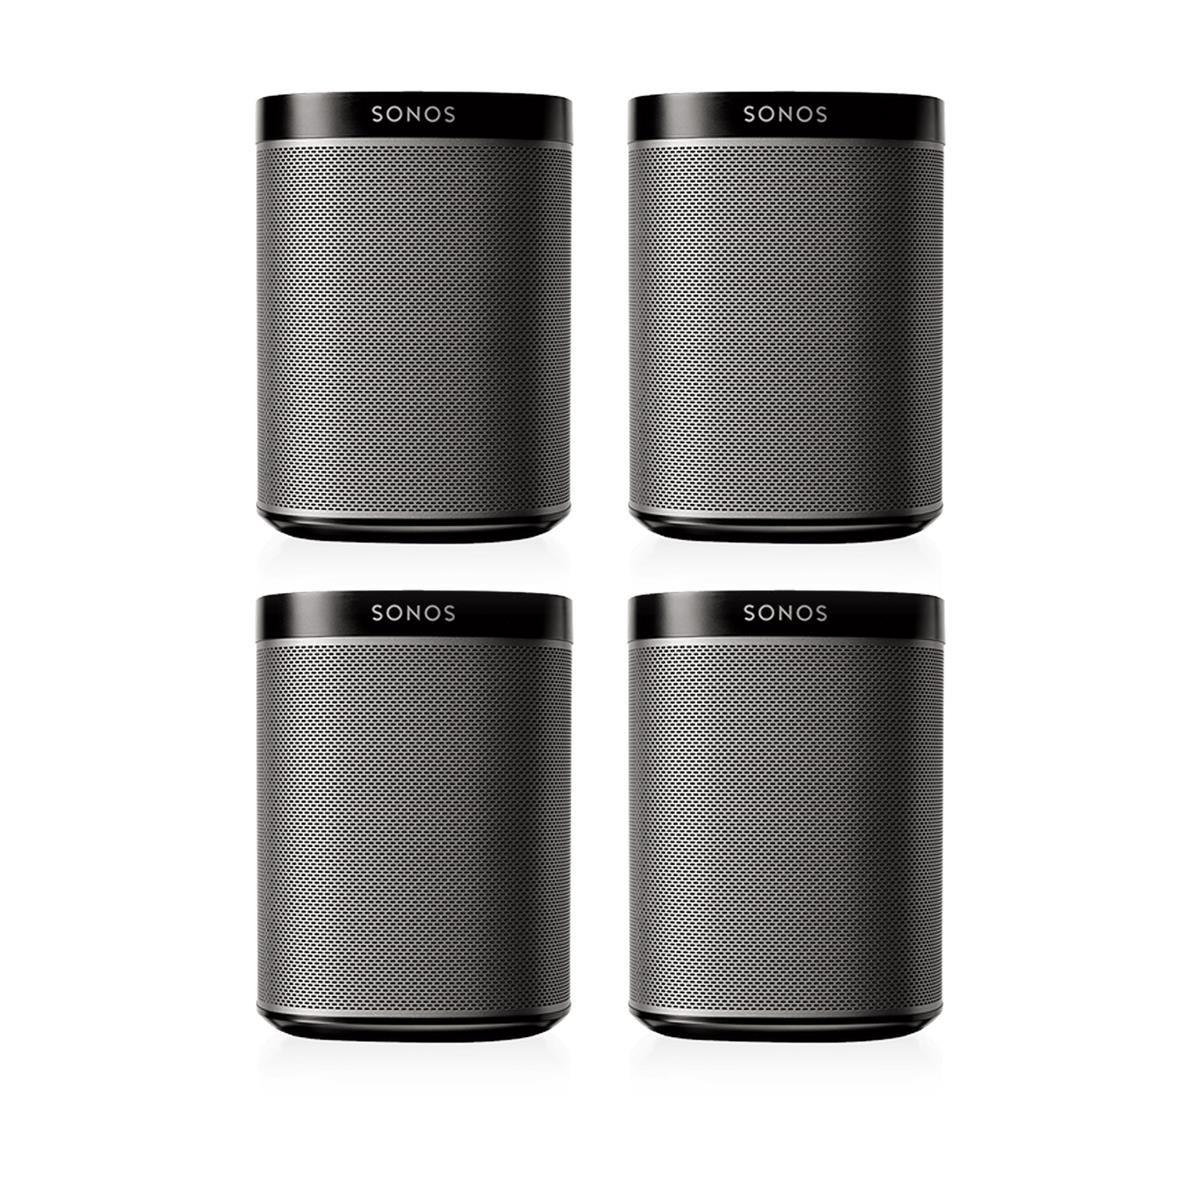 Sonos Play:1 Multi-Room Digital Music System Bundle (4 - Play:1 Speakers) - Black by Sonos